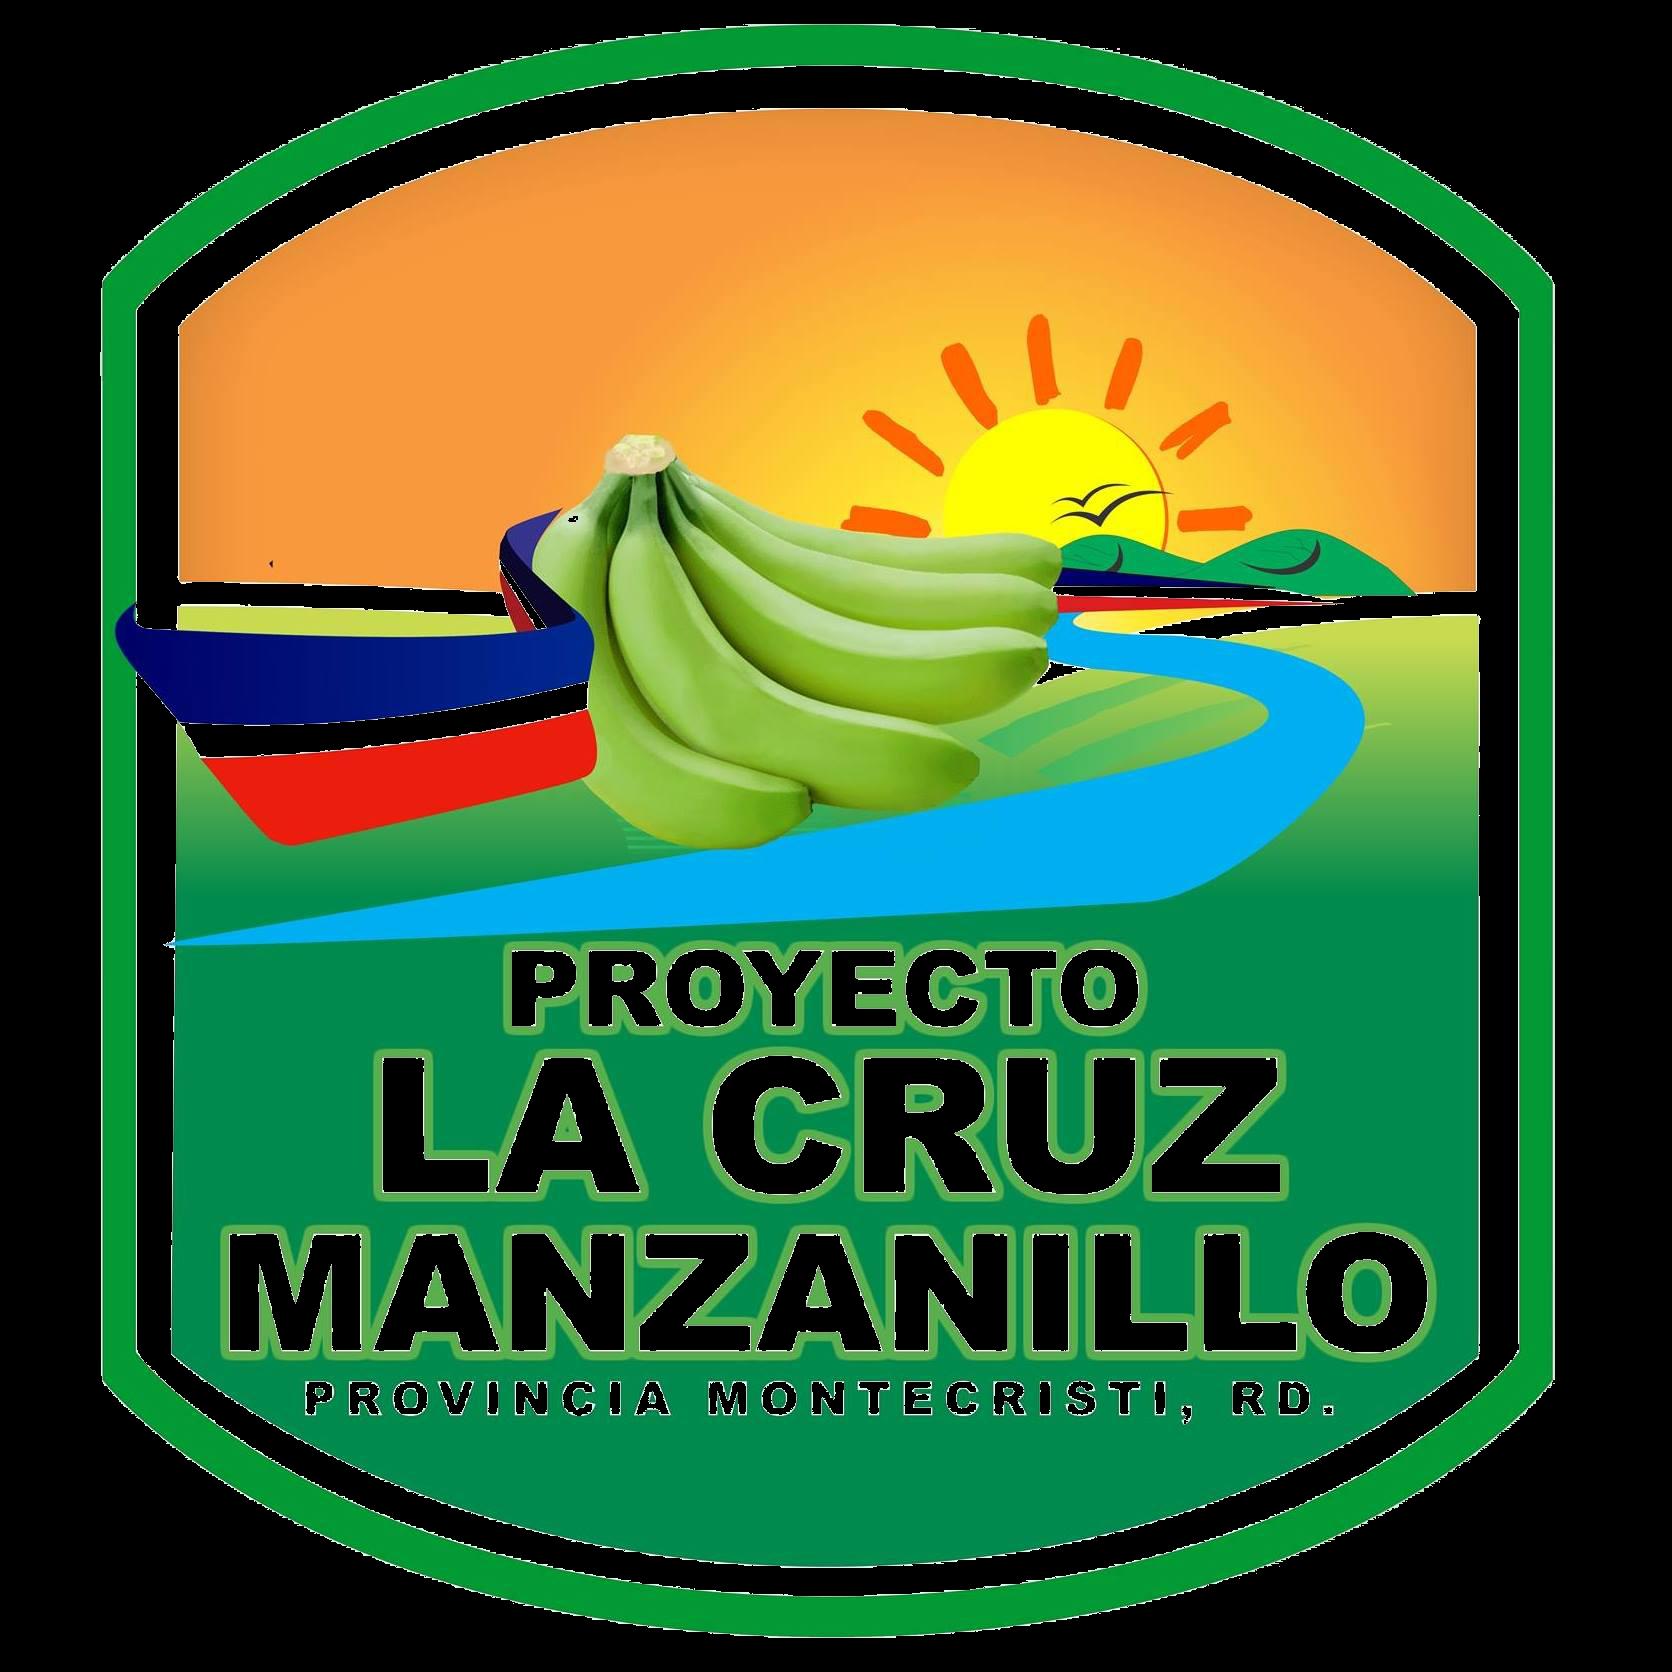 https://0201.nccdn.net/1_2/000/000/154/c0e/Proyecto-la-cruz-de-manzanilloo-1672x1672.png